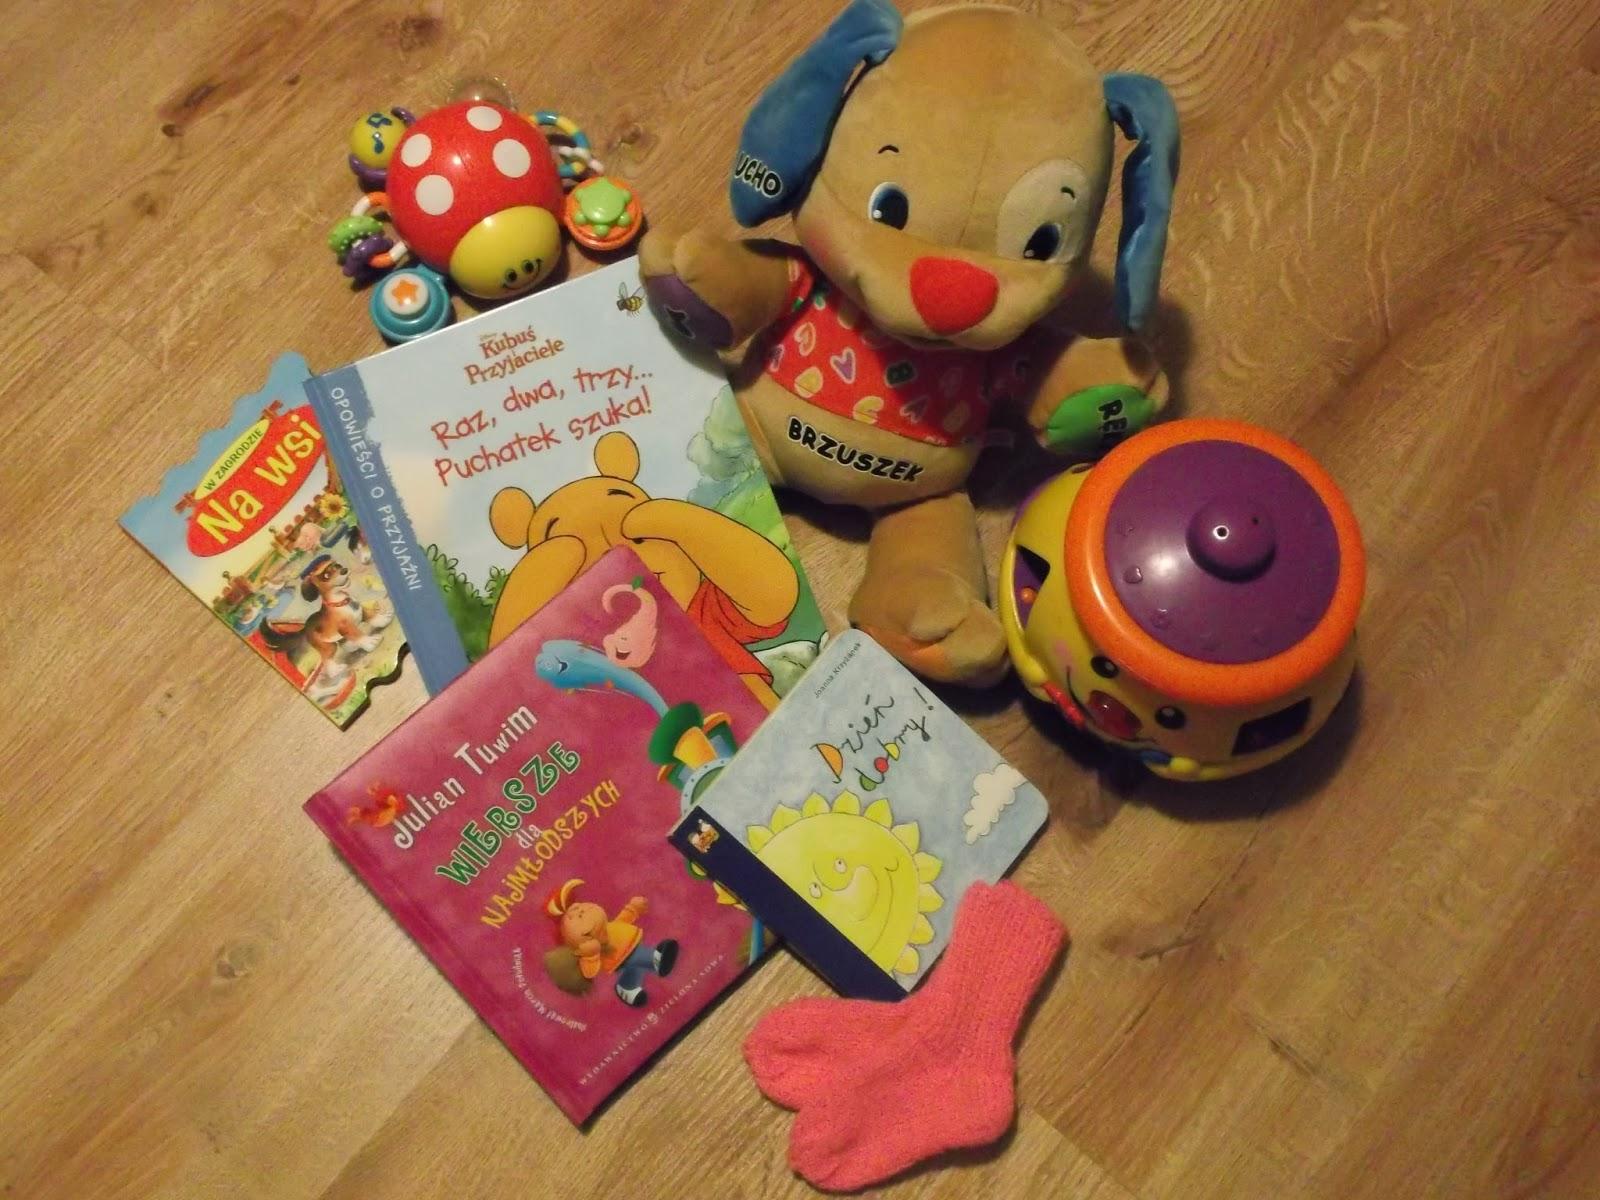 Szczeniaczek Uczniaczek, Garnuszek na klocuszek, biedronka, książeczki, skarpetki dla niemowlaka, Kubuś Puchatek